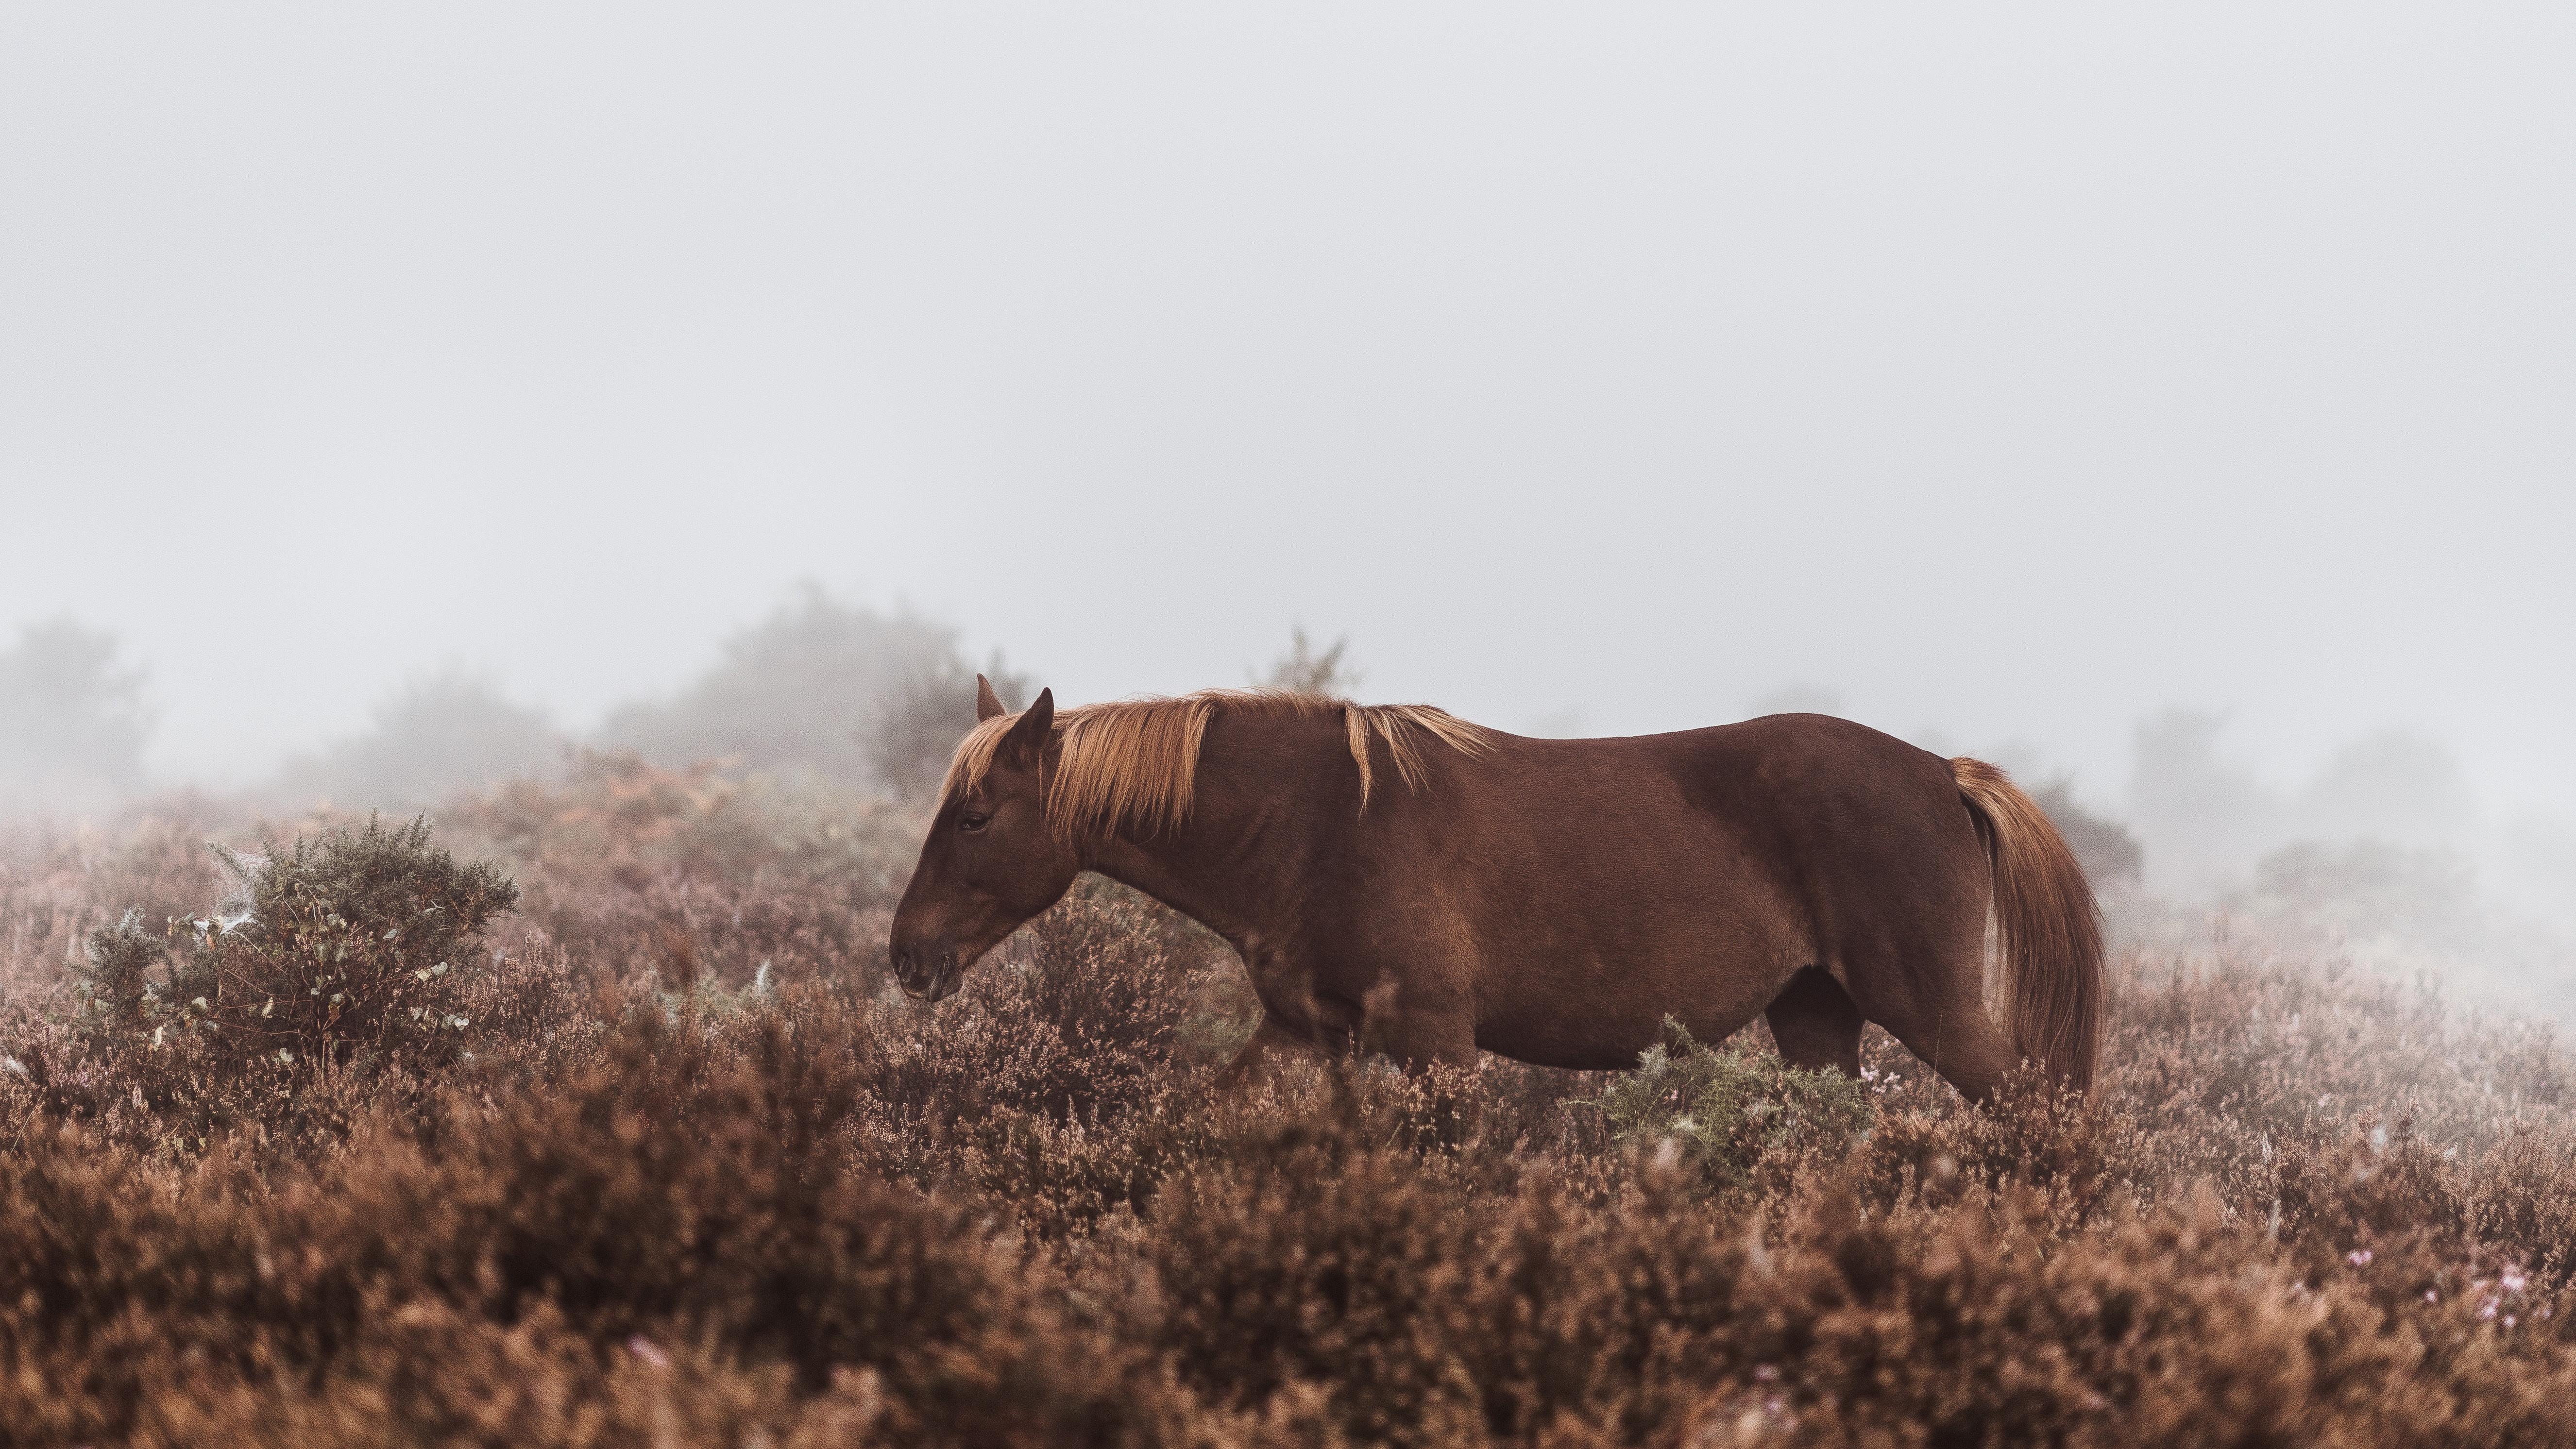 Wild Horse 5k, HD Animals, 4k